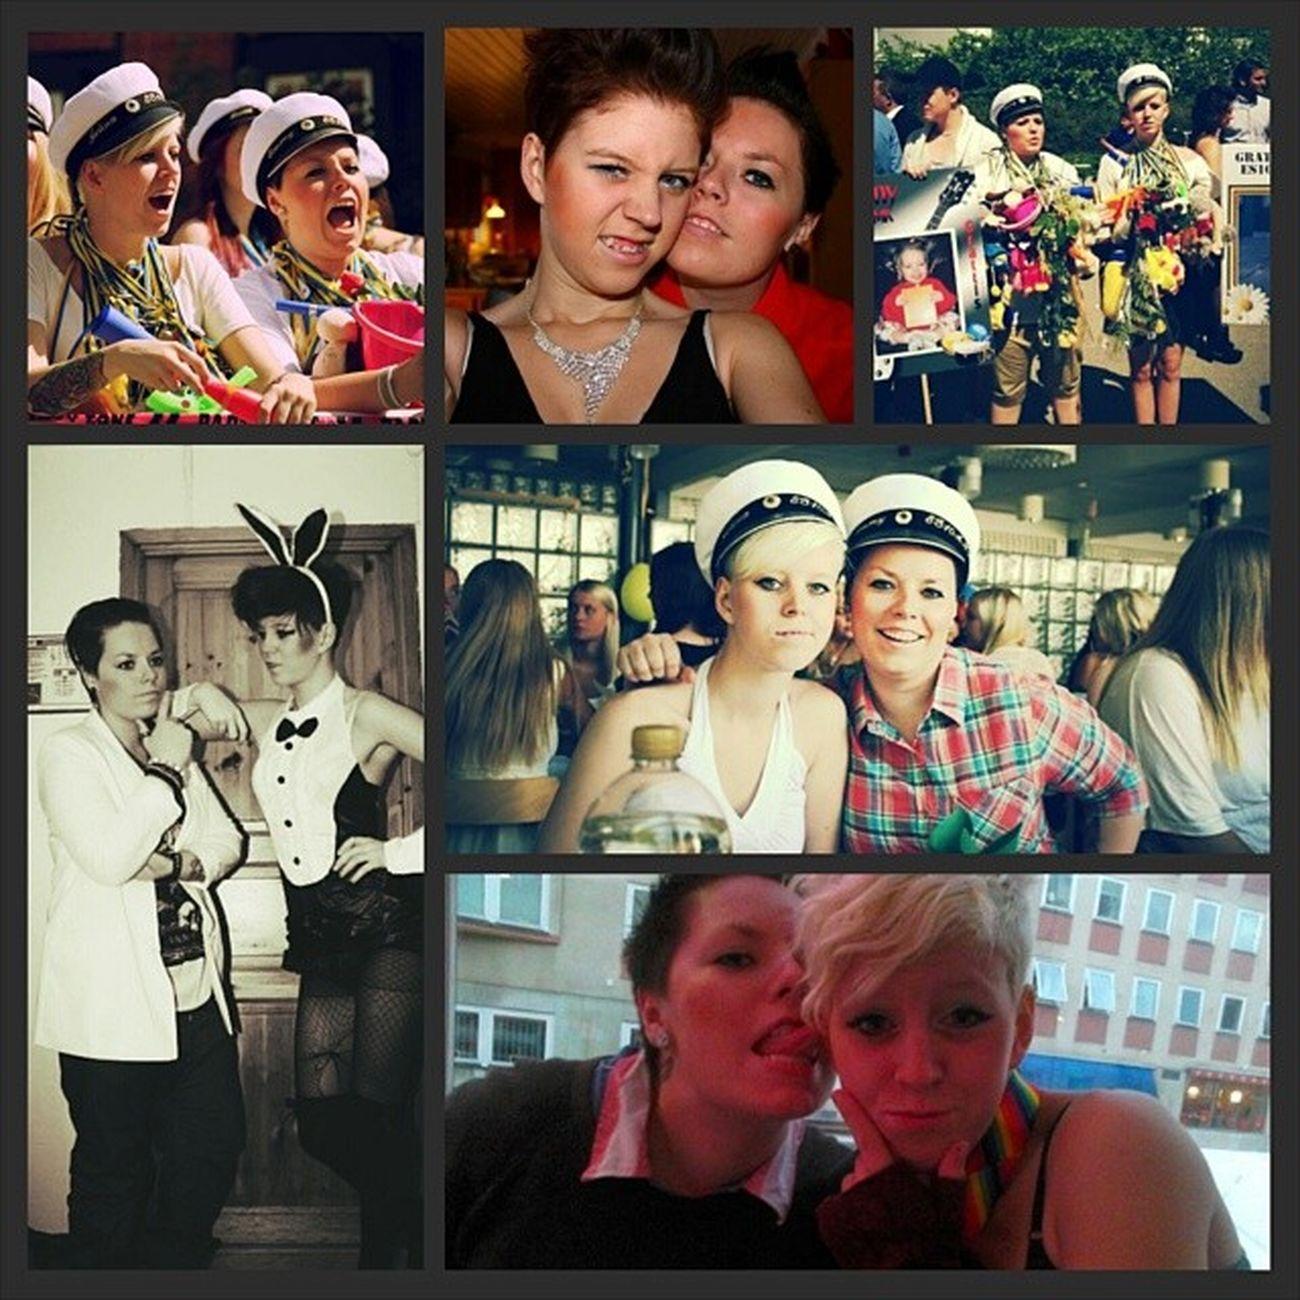 Loveatfirstsight Girlfriend Gay 25 /5 @emmyw94